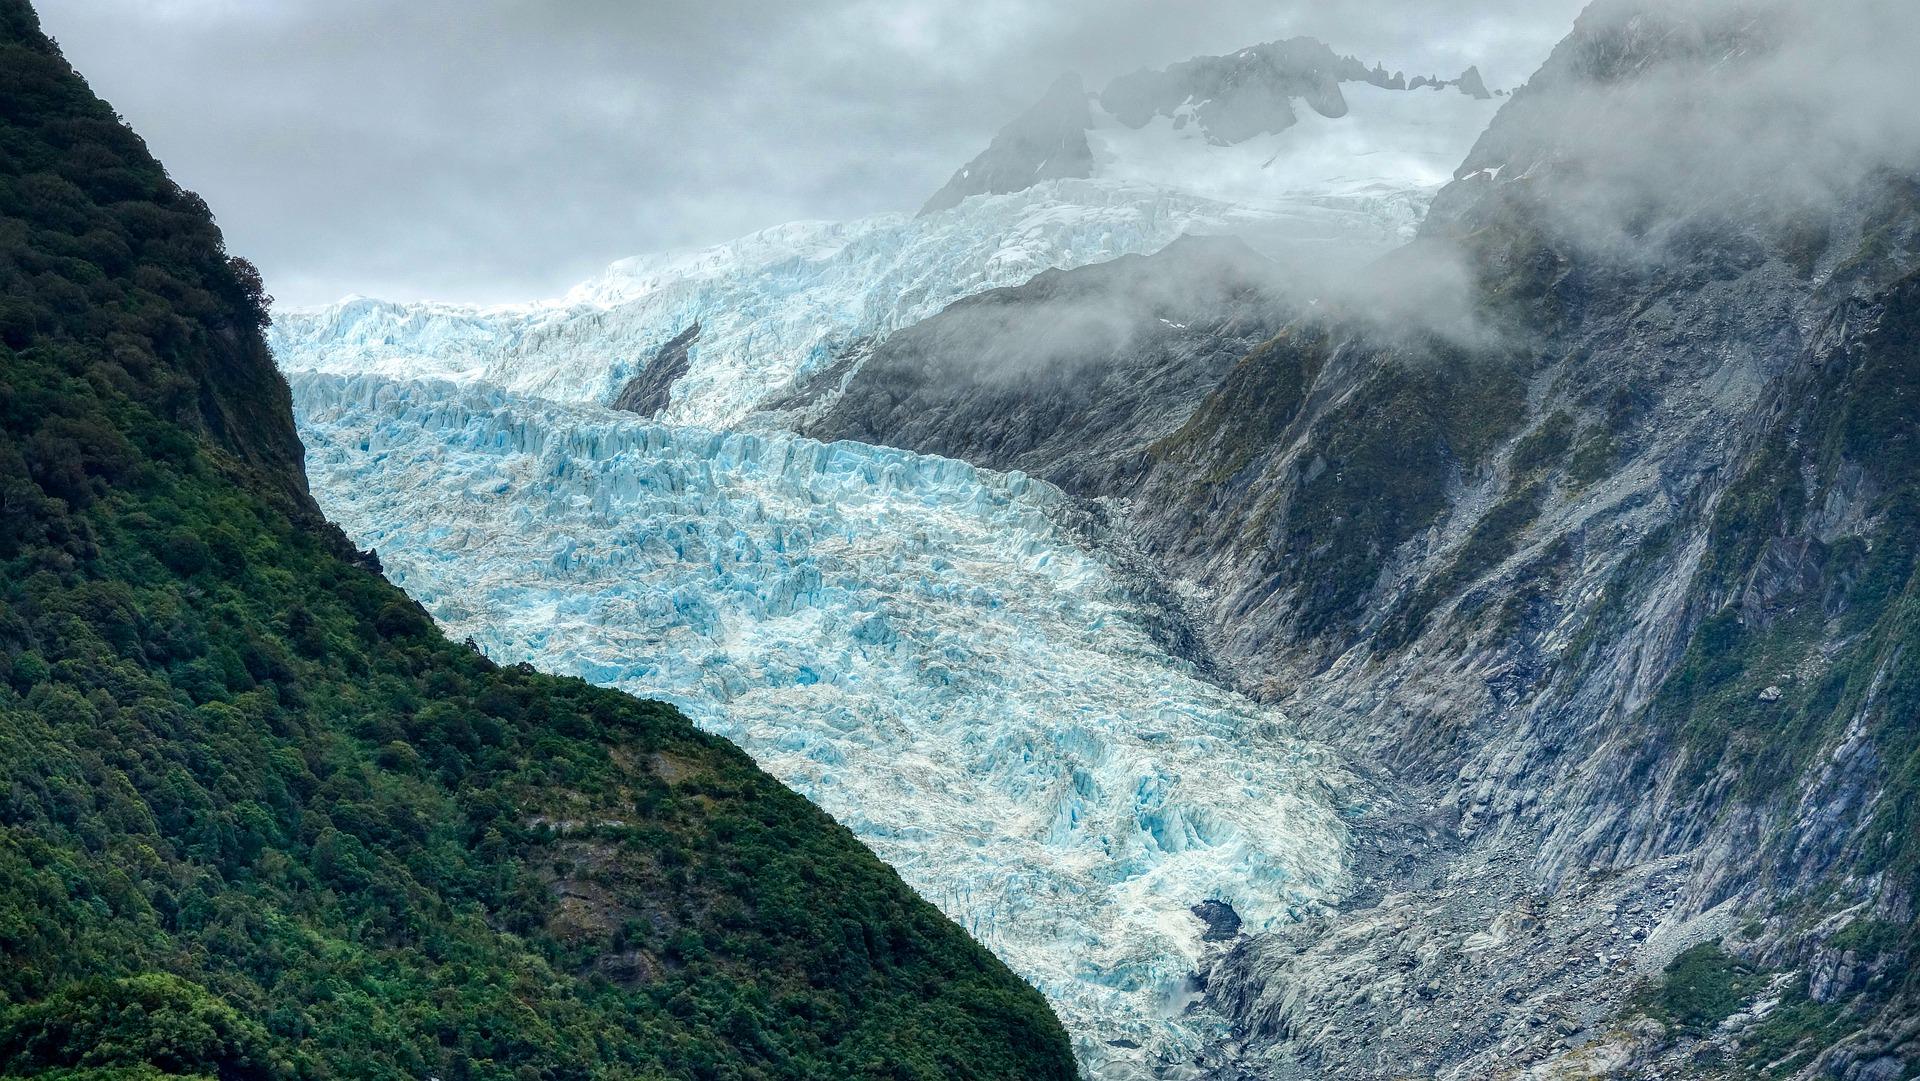 Tourism Advisory New Zealand_Tourism Destination_Must Visit Places in New Zealand 2021glacier-5669423_1920